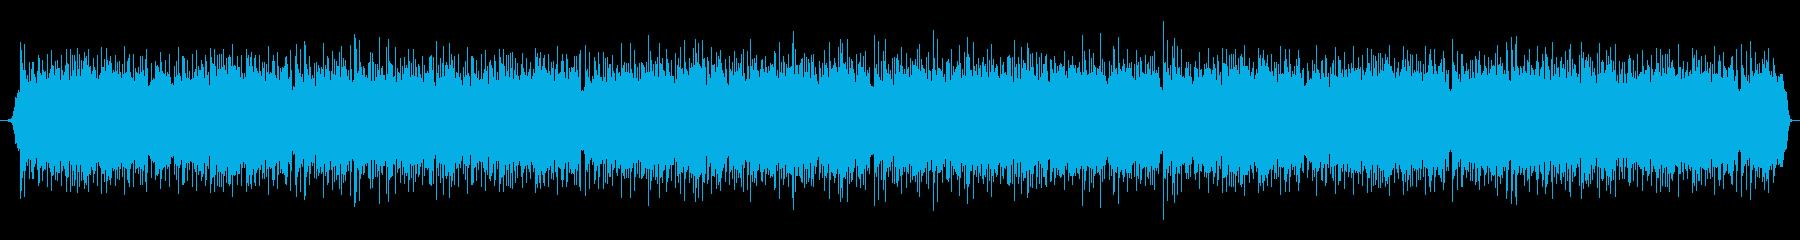 ほのぼのした雰囲気のスローバラードの再生済みの波形